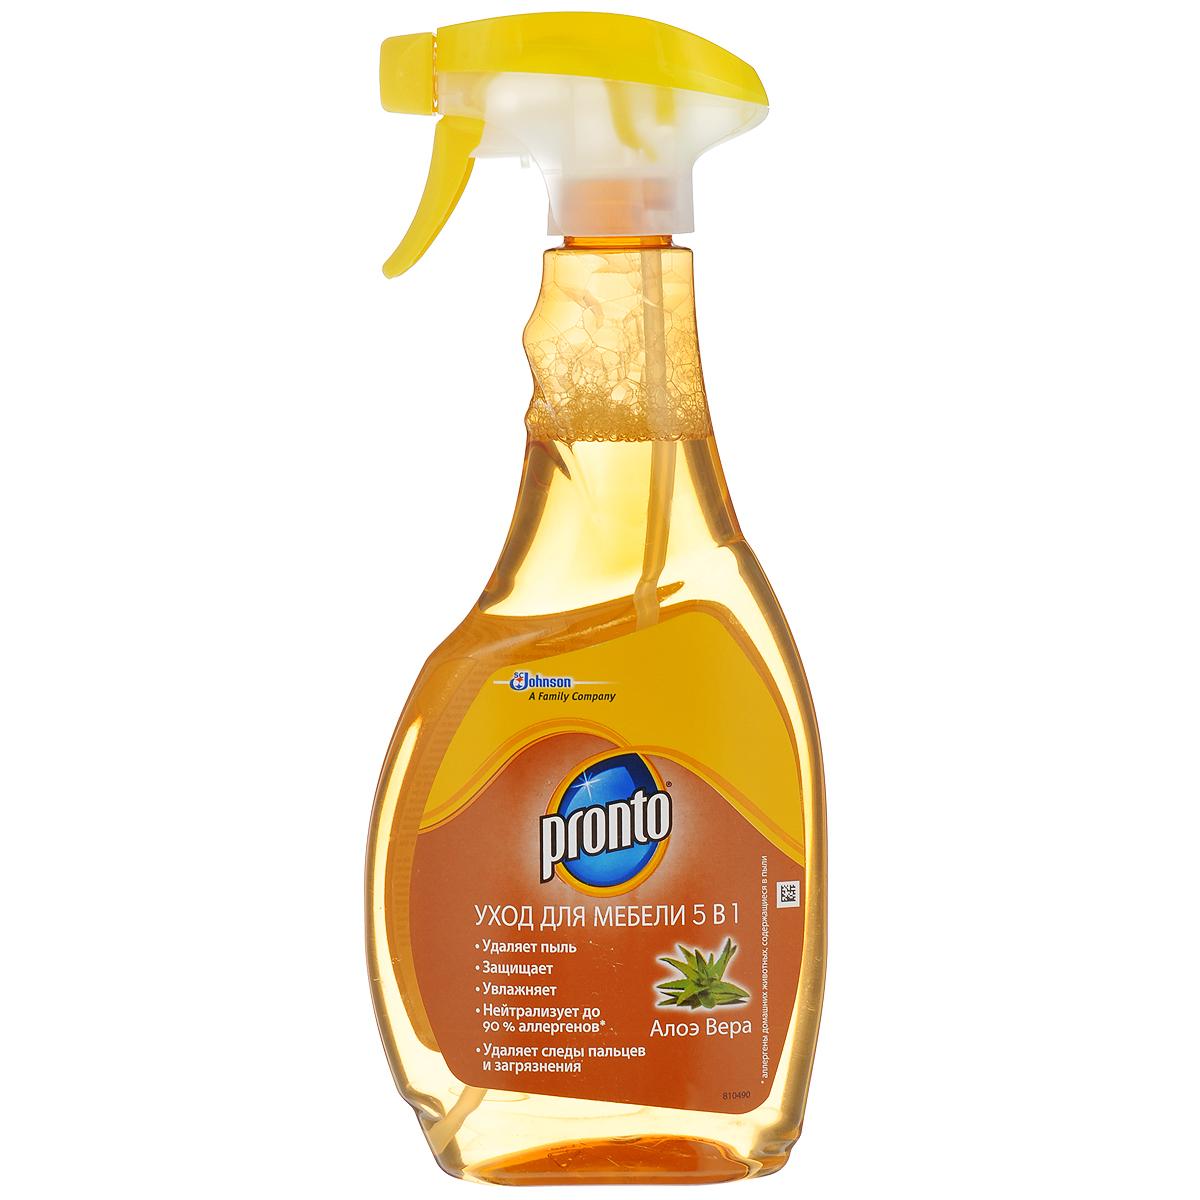 Чистящее и моющее средство Pronto 5 в 1 для ухода за мебелью, с алоэ вера, 500 мл391602Чистящее и моющее средство Pronto 5 в 1 ухаживает за мебелью, бережно сохраняя естественную красоту деревянных поверхностей. Придает свежий аромат алоэ вера. Эффективно удаляет аллергены домашних животных, содержащиеся в пыли, помогает избавиться от следов пальцев и других пятен, придает блеск и защищает вашу мебель.Состав: вода, изопропиловый спирт, органические растворители, амфотерноеПАВ Товар сертифицирован.